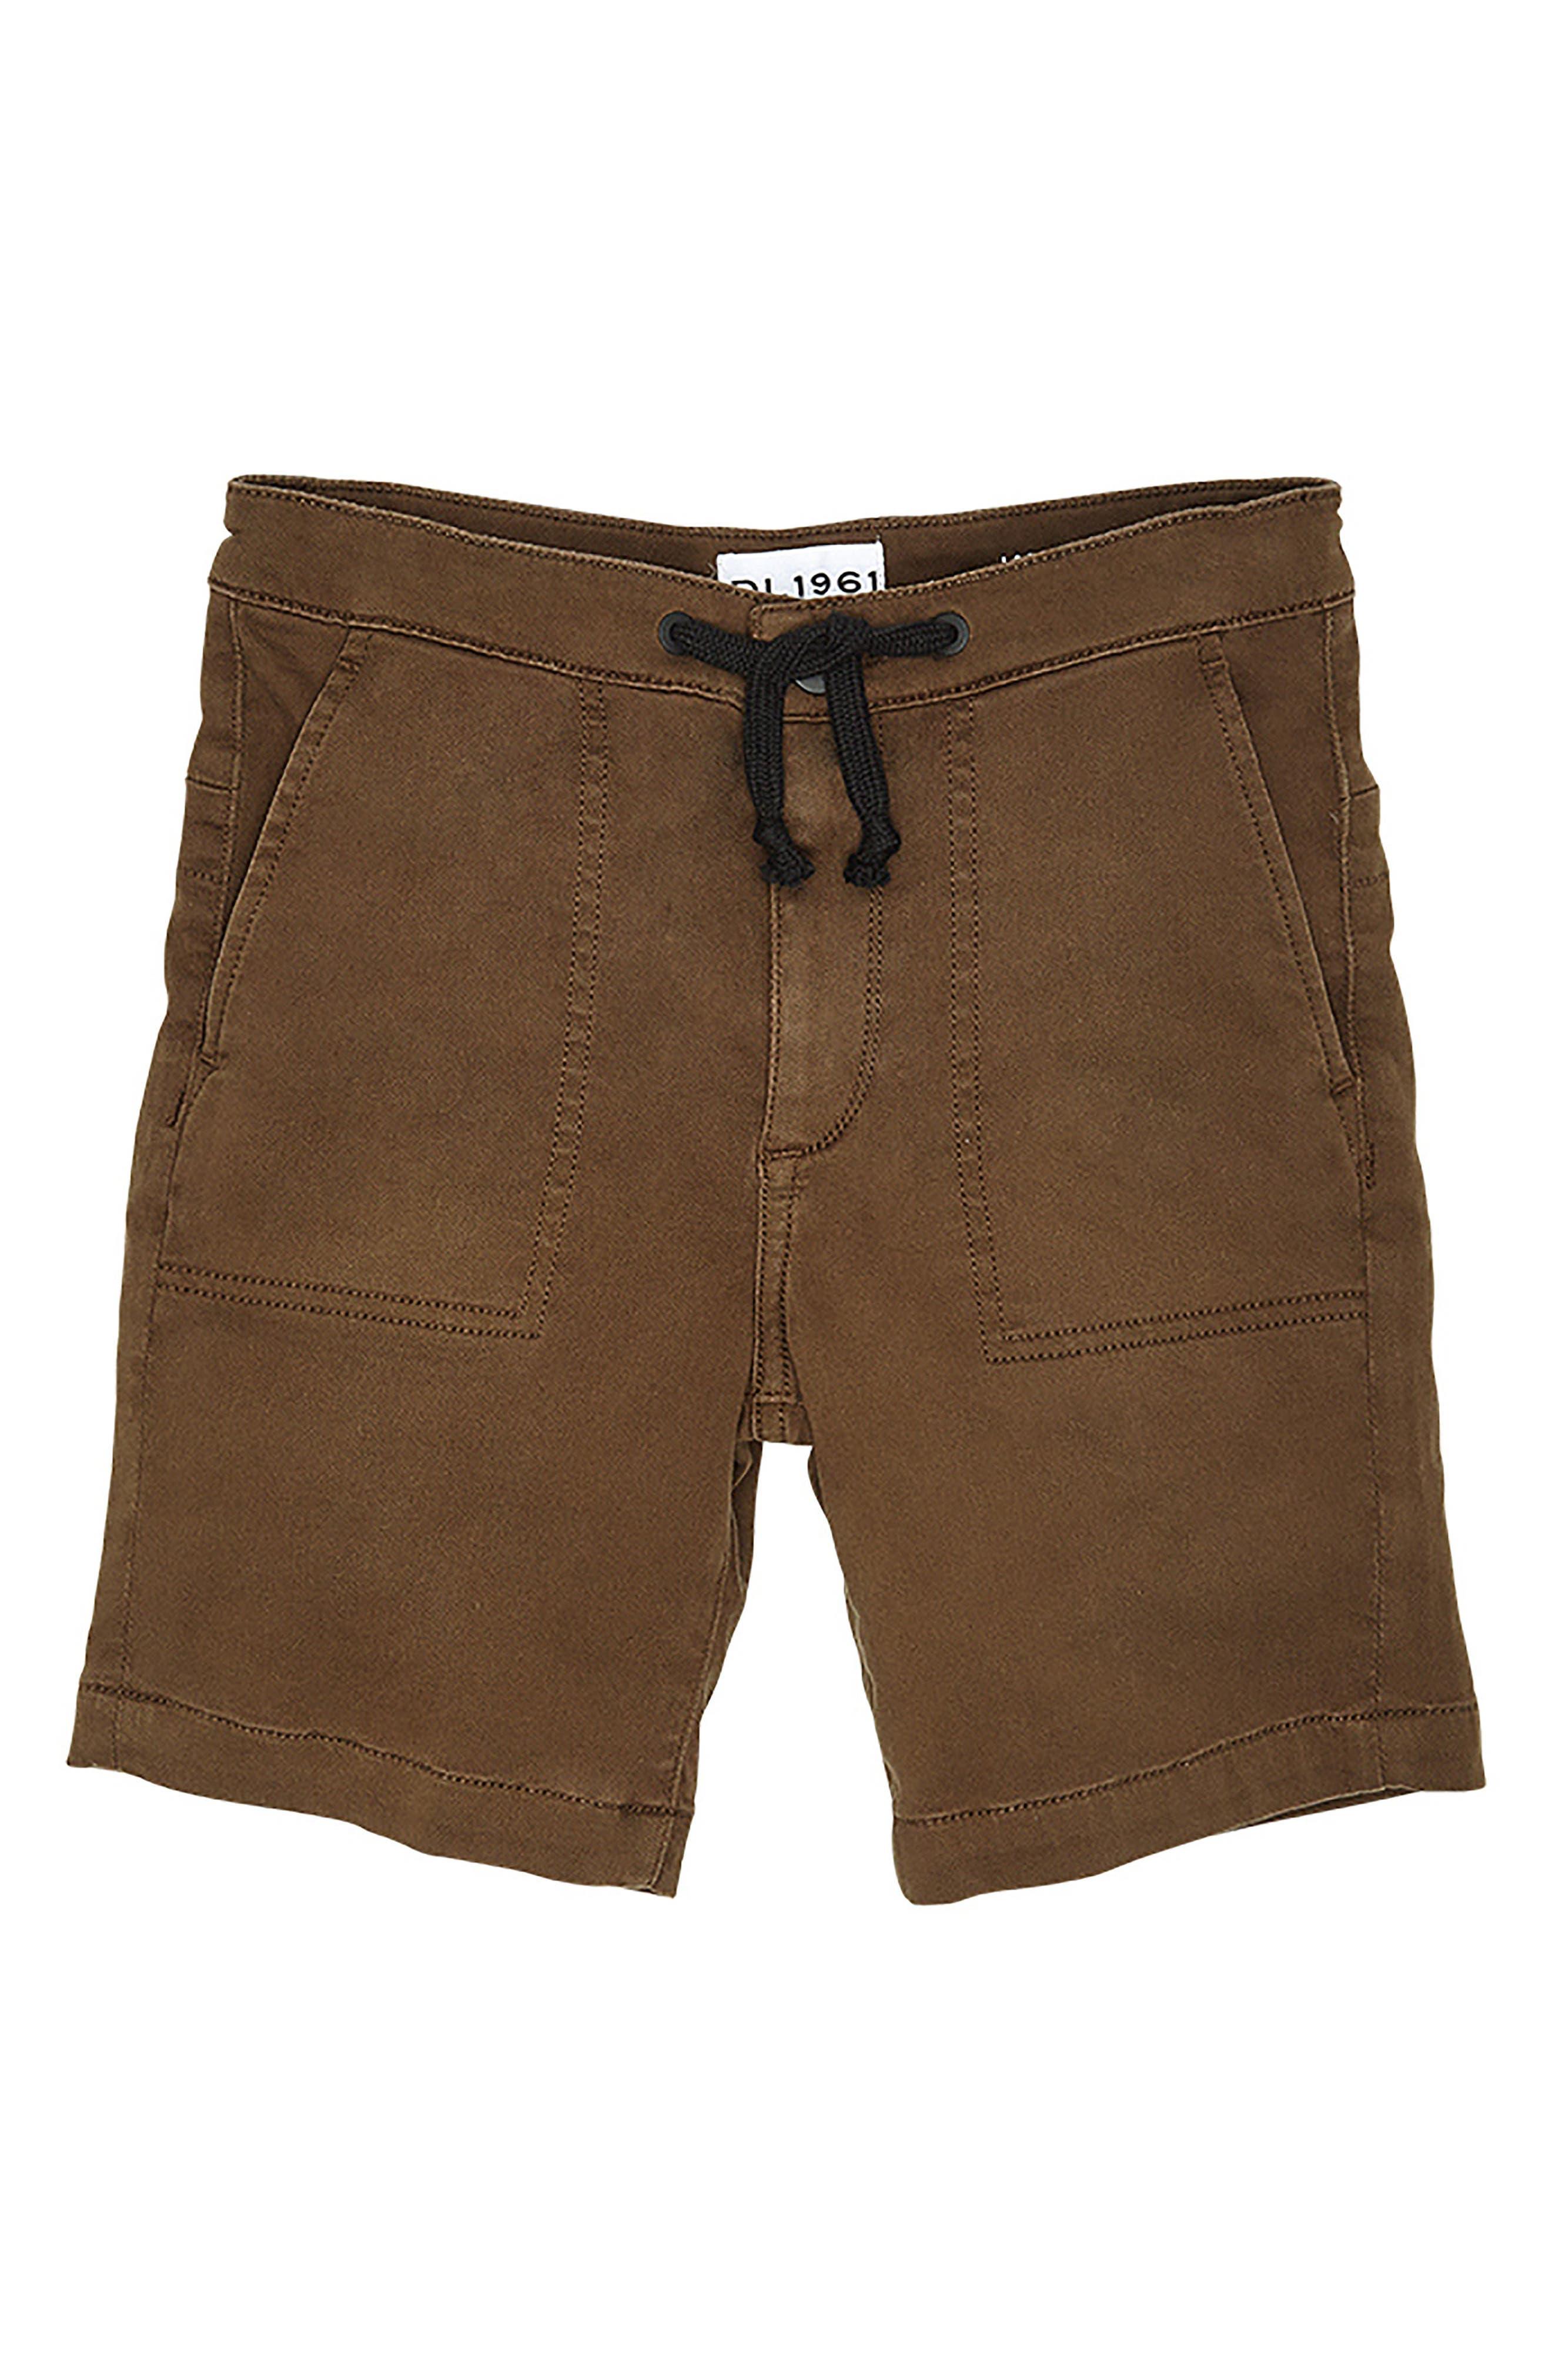 Jax Utility Shorts,                         Main,                         color, Wingman